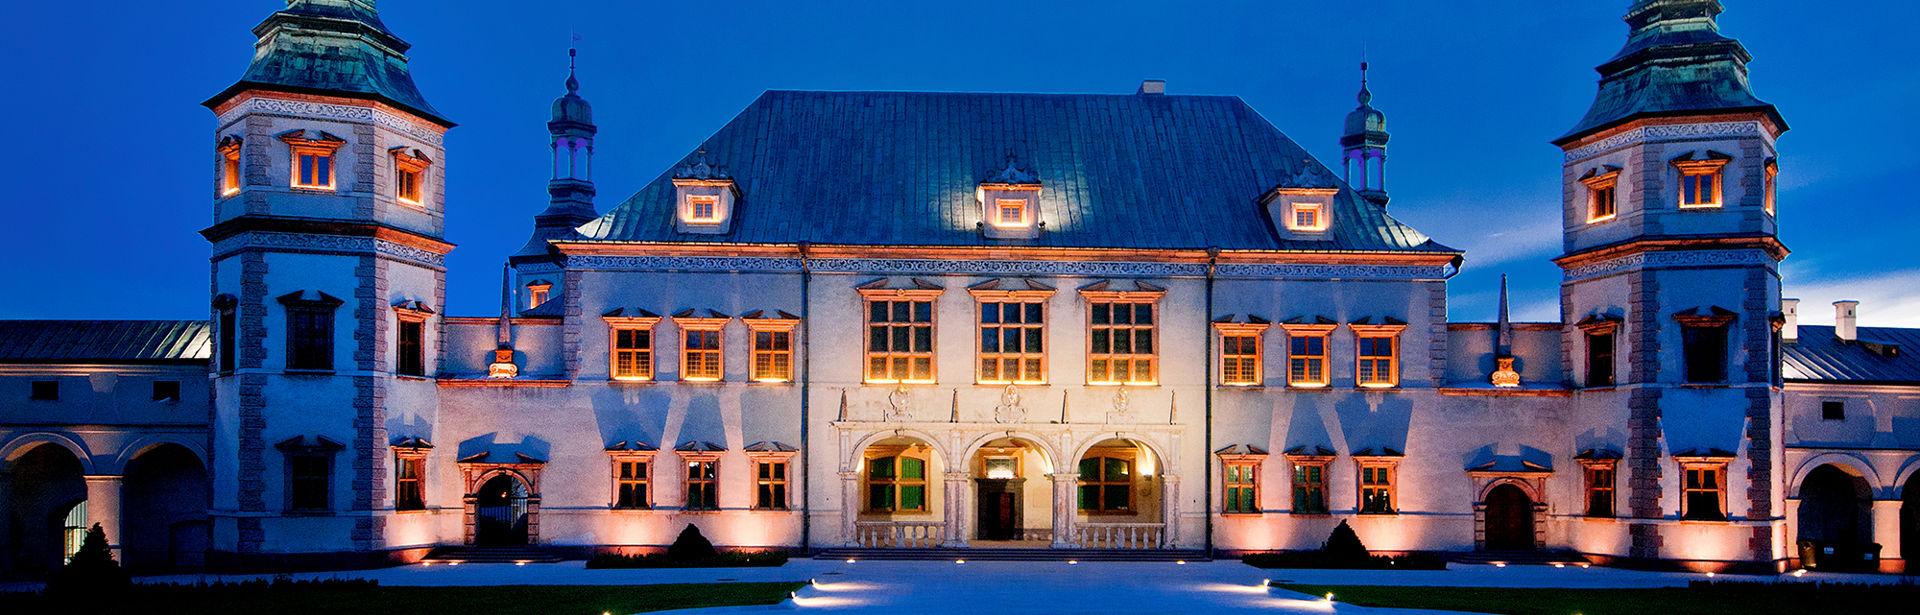 Musée de Kielce